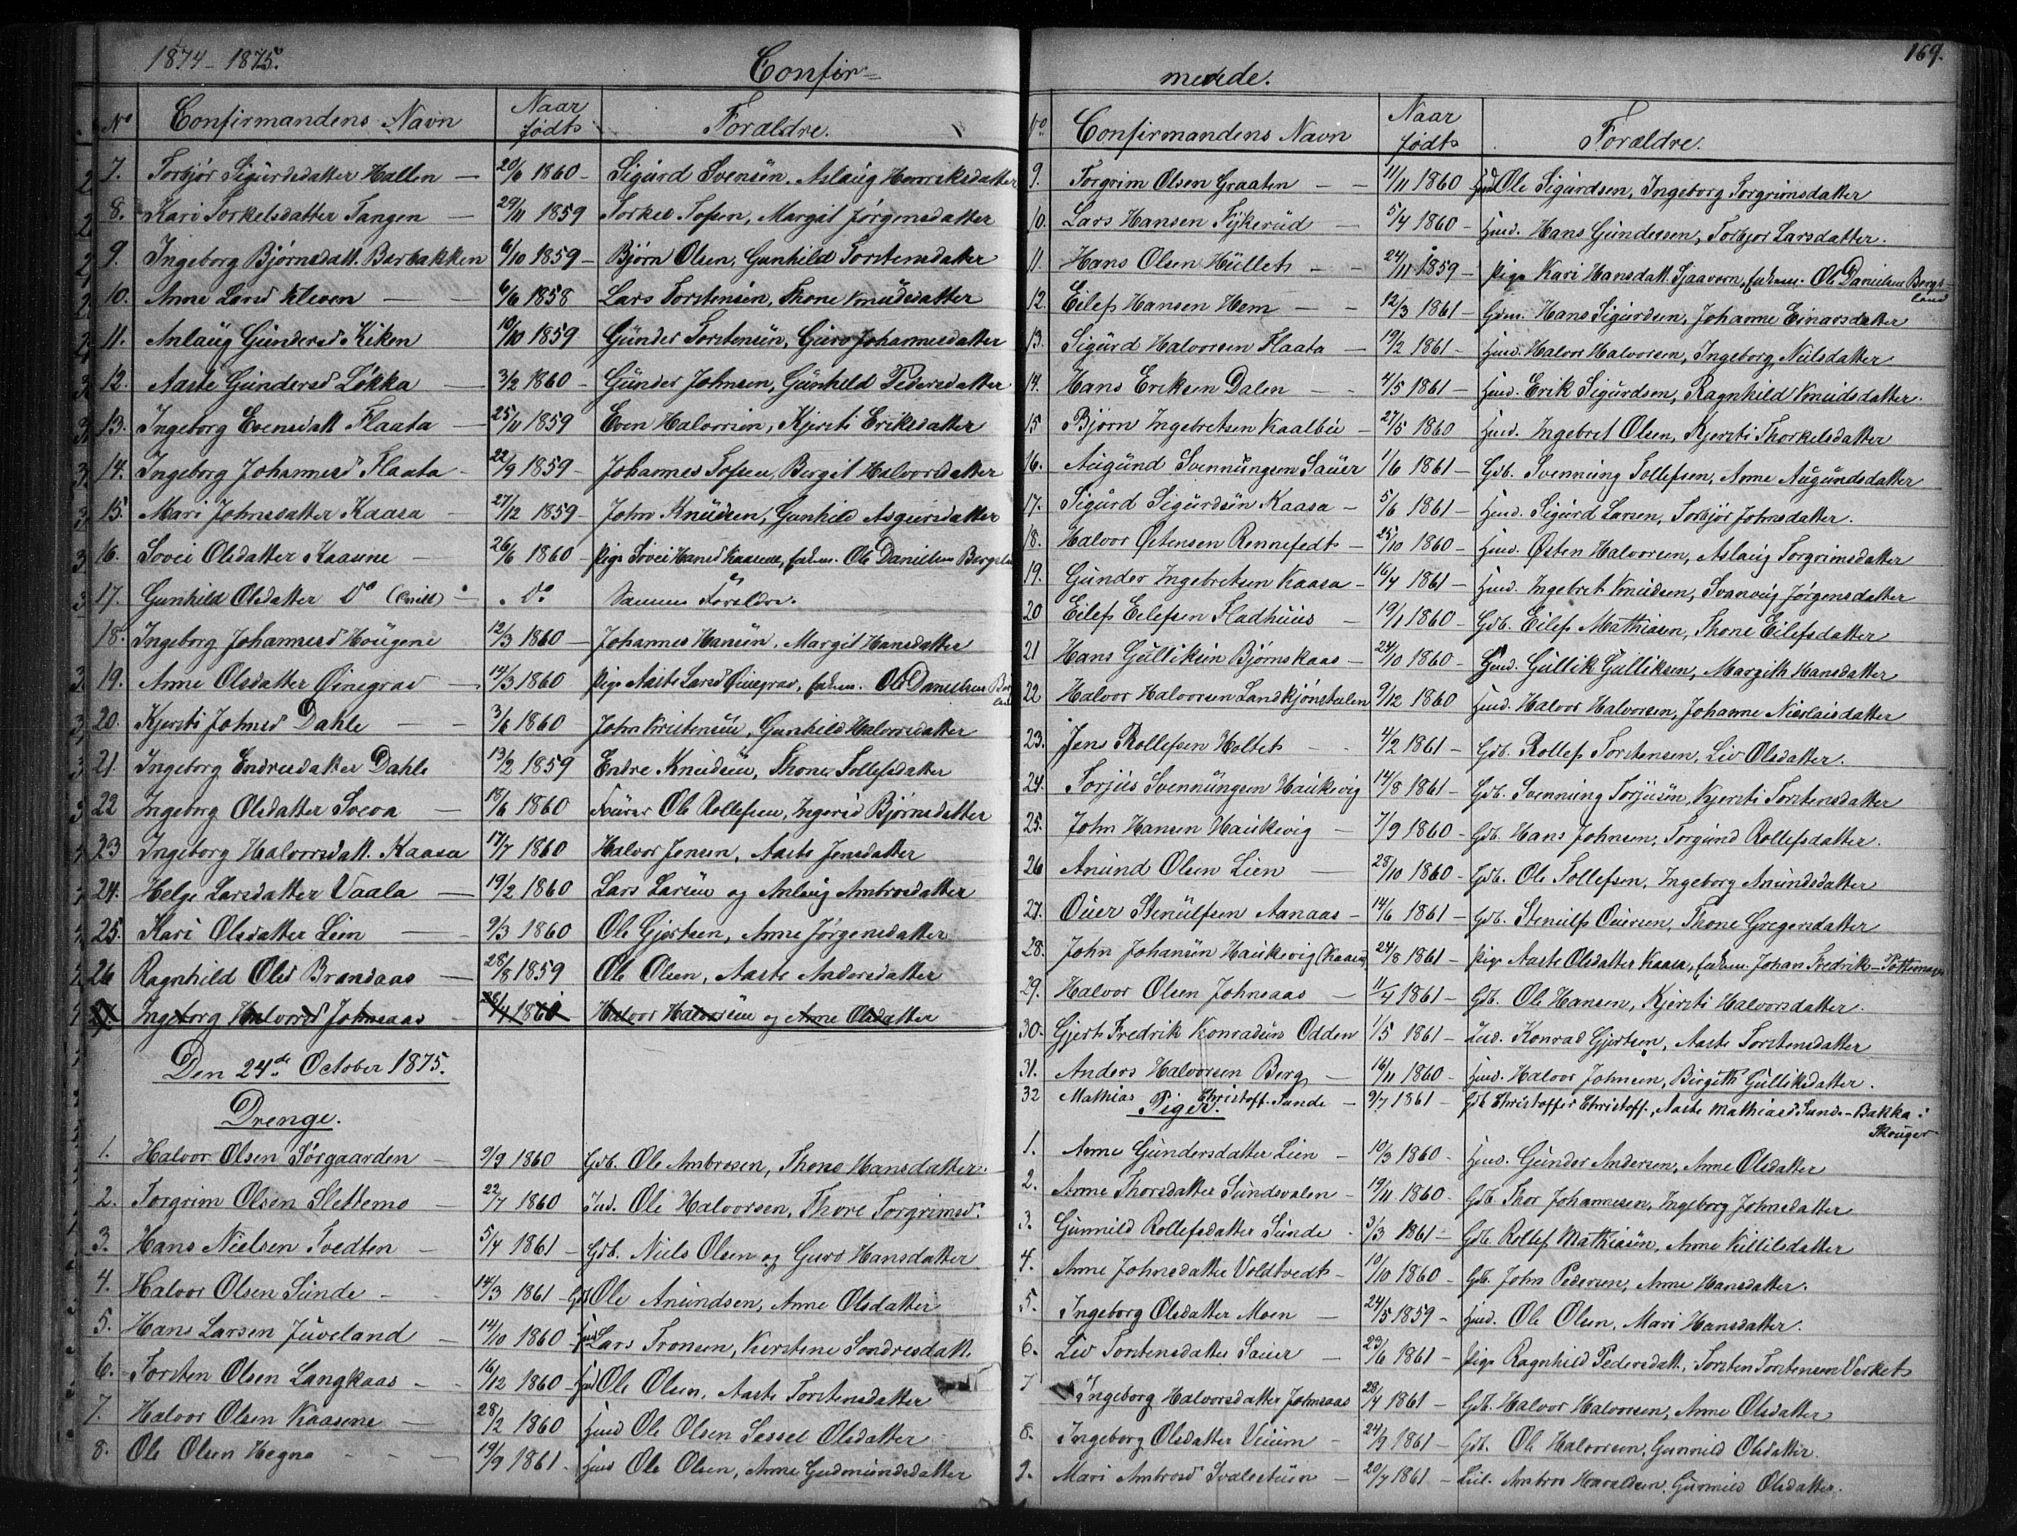 SAKO, Sauherad kirkebøker, G/Ga/L0003: Klokkerbok nr. I 3, 1866-1905, s. 169